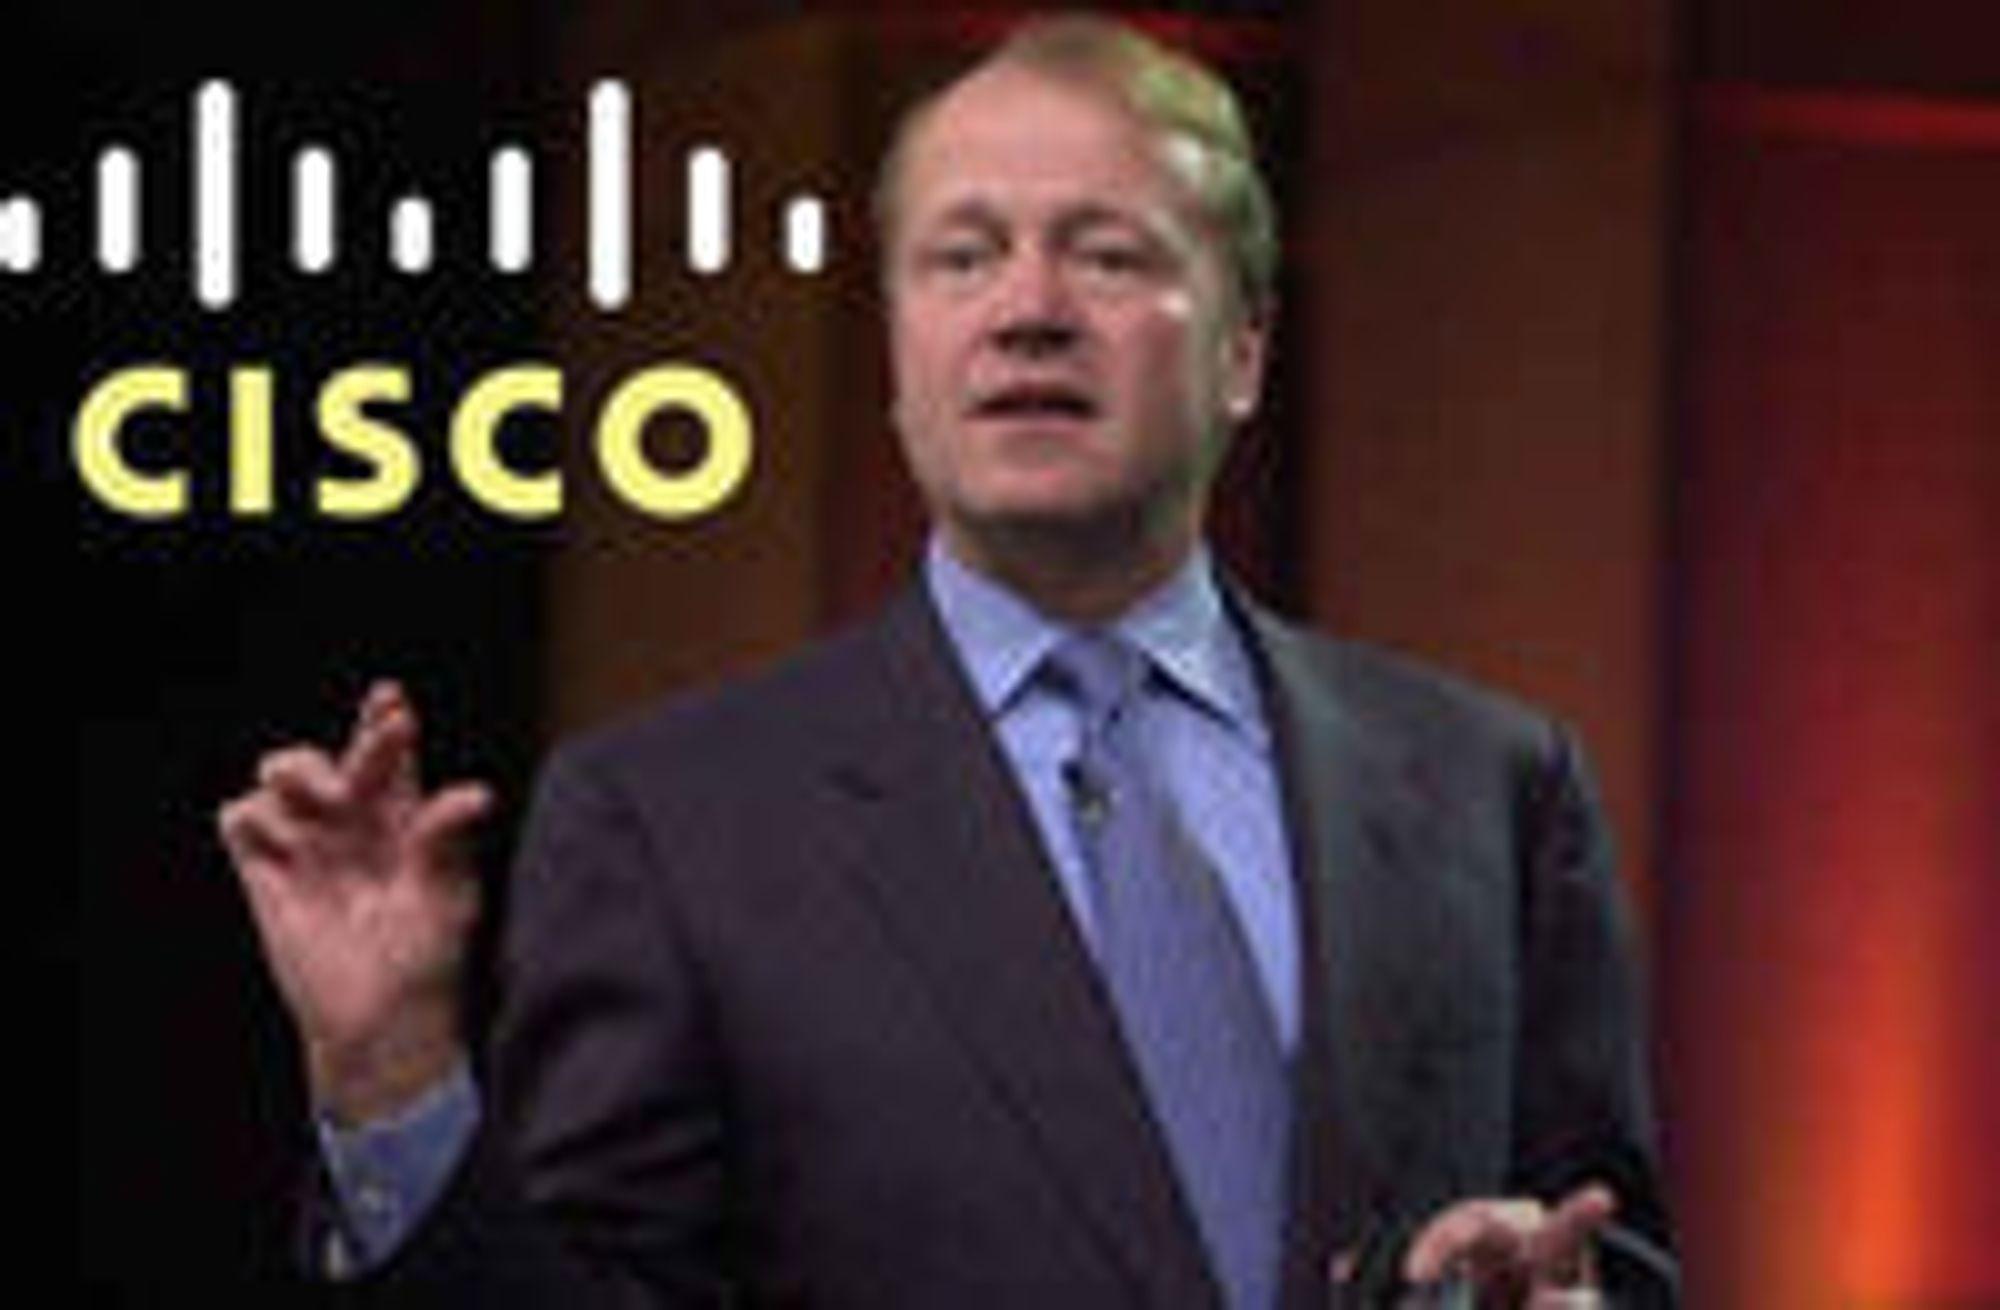 Cisco-sjef John Chambers har innsett at nedbemanning og omorganisering er nødvendig, også for en suksessbedrift gjennom mange år.